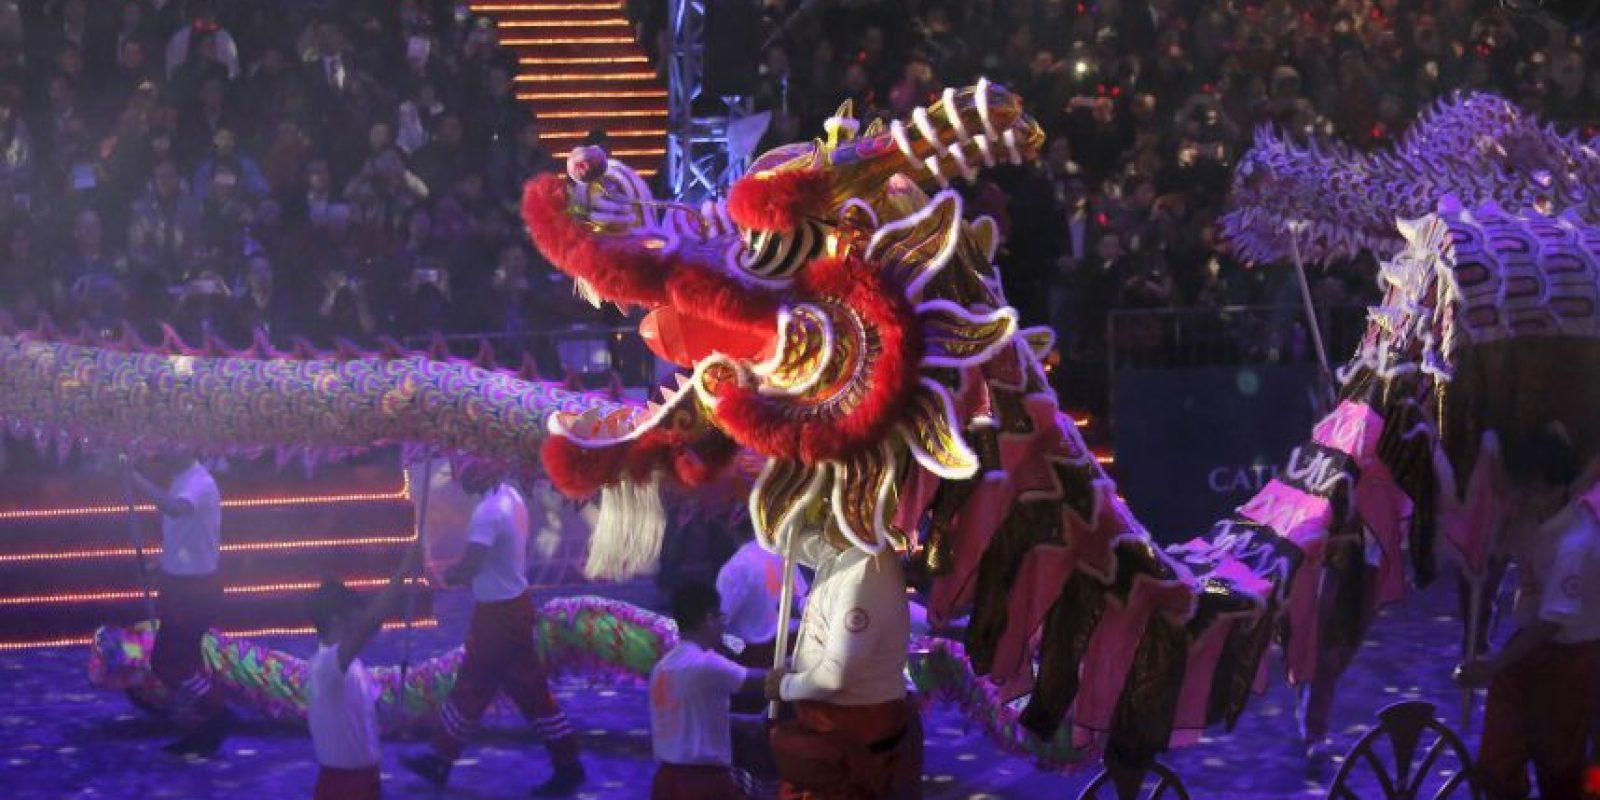 La danza del Dragón, parte esencial de las celebraciones. Foto:AP